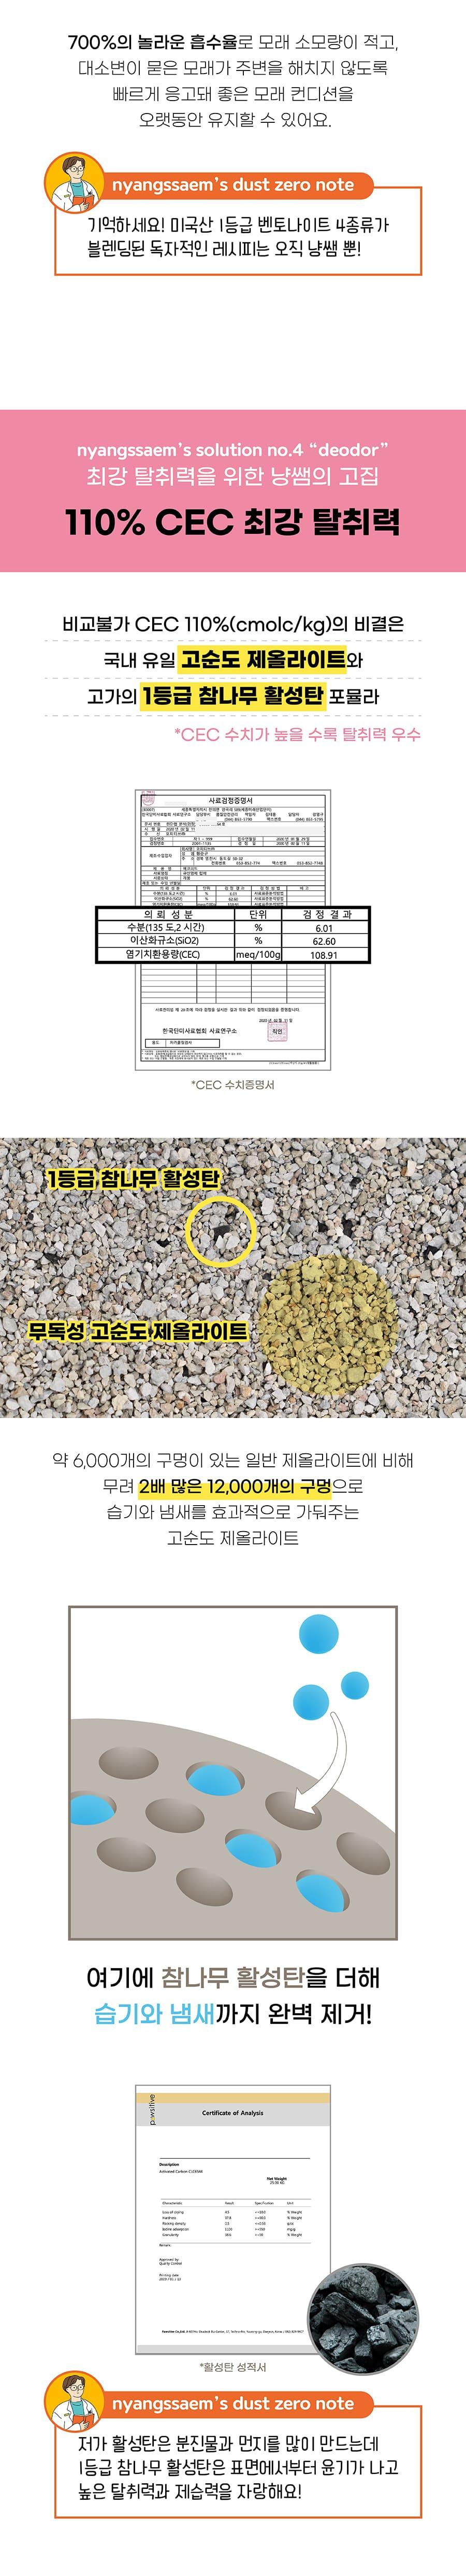 냥쌤 더스트제로 벤토나이트 모래 6kg (무향/피톤치드향)-상품이미지-20